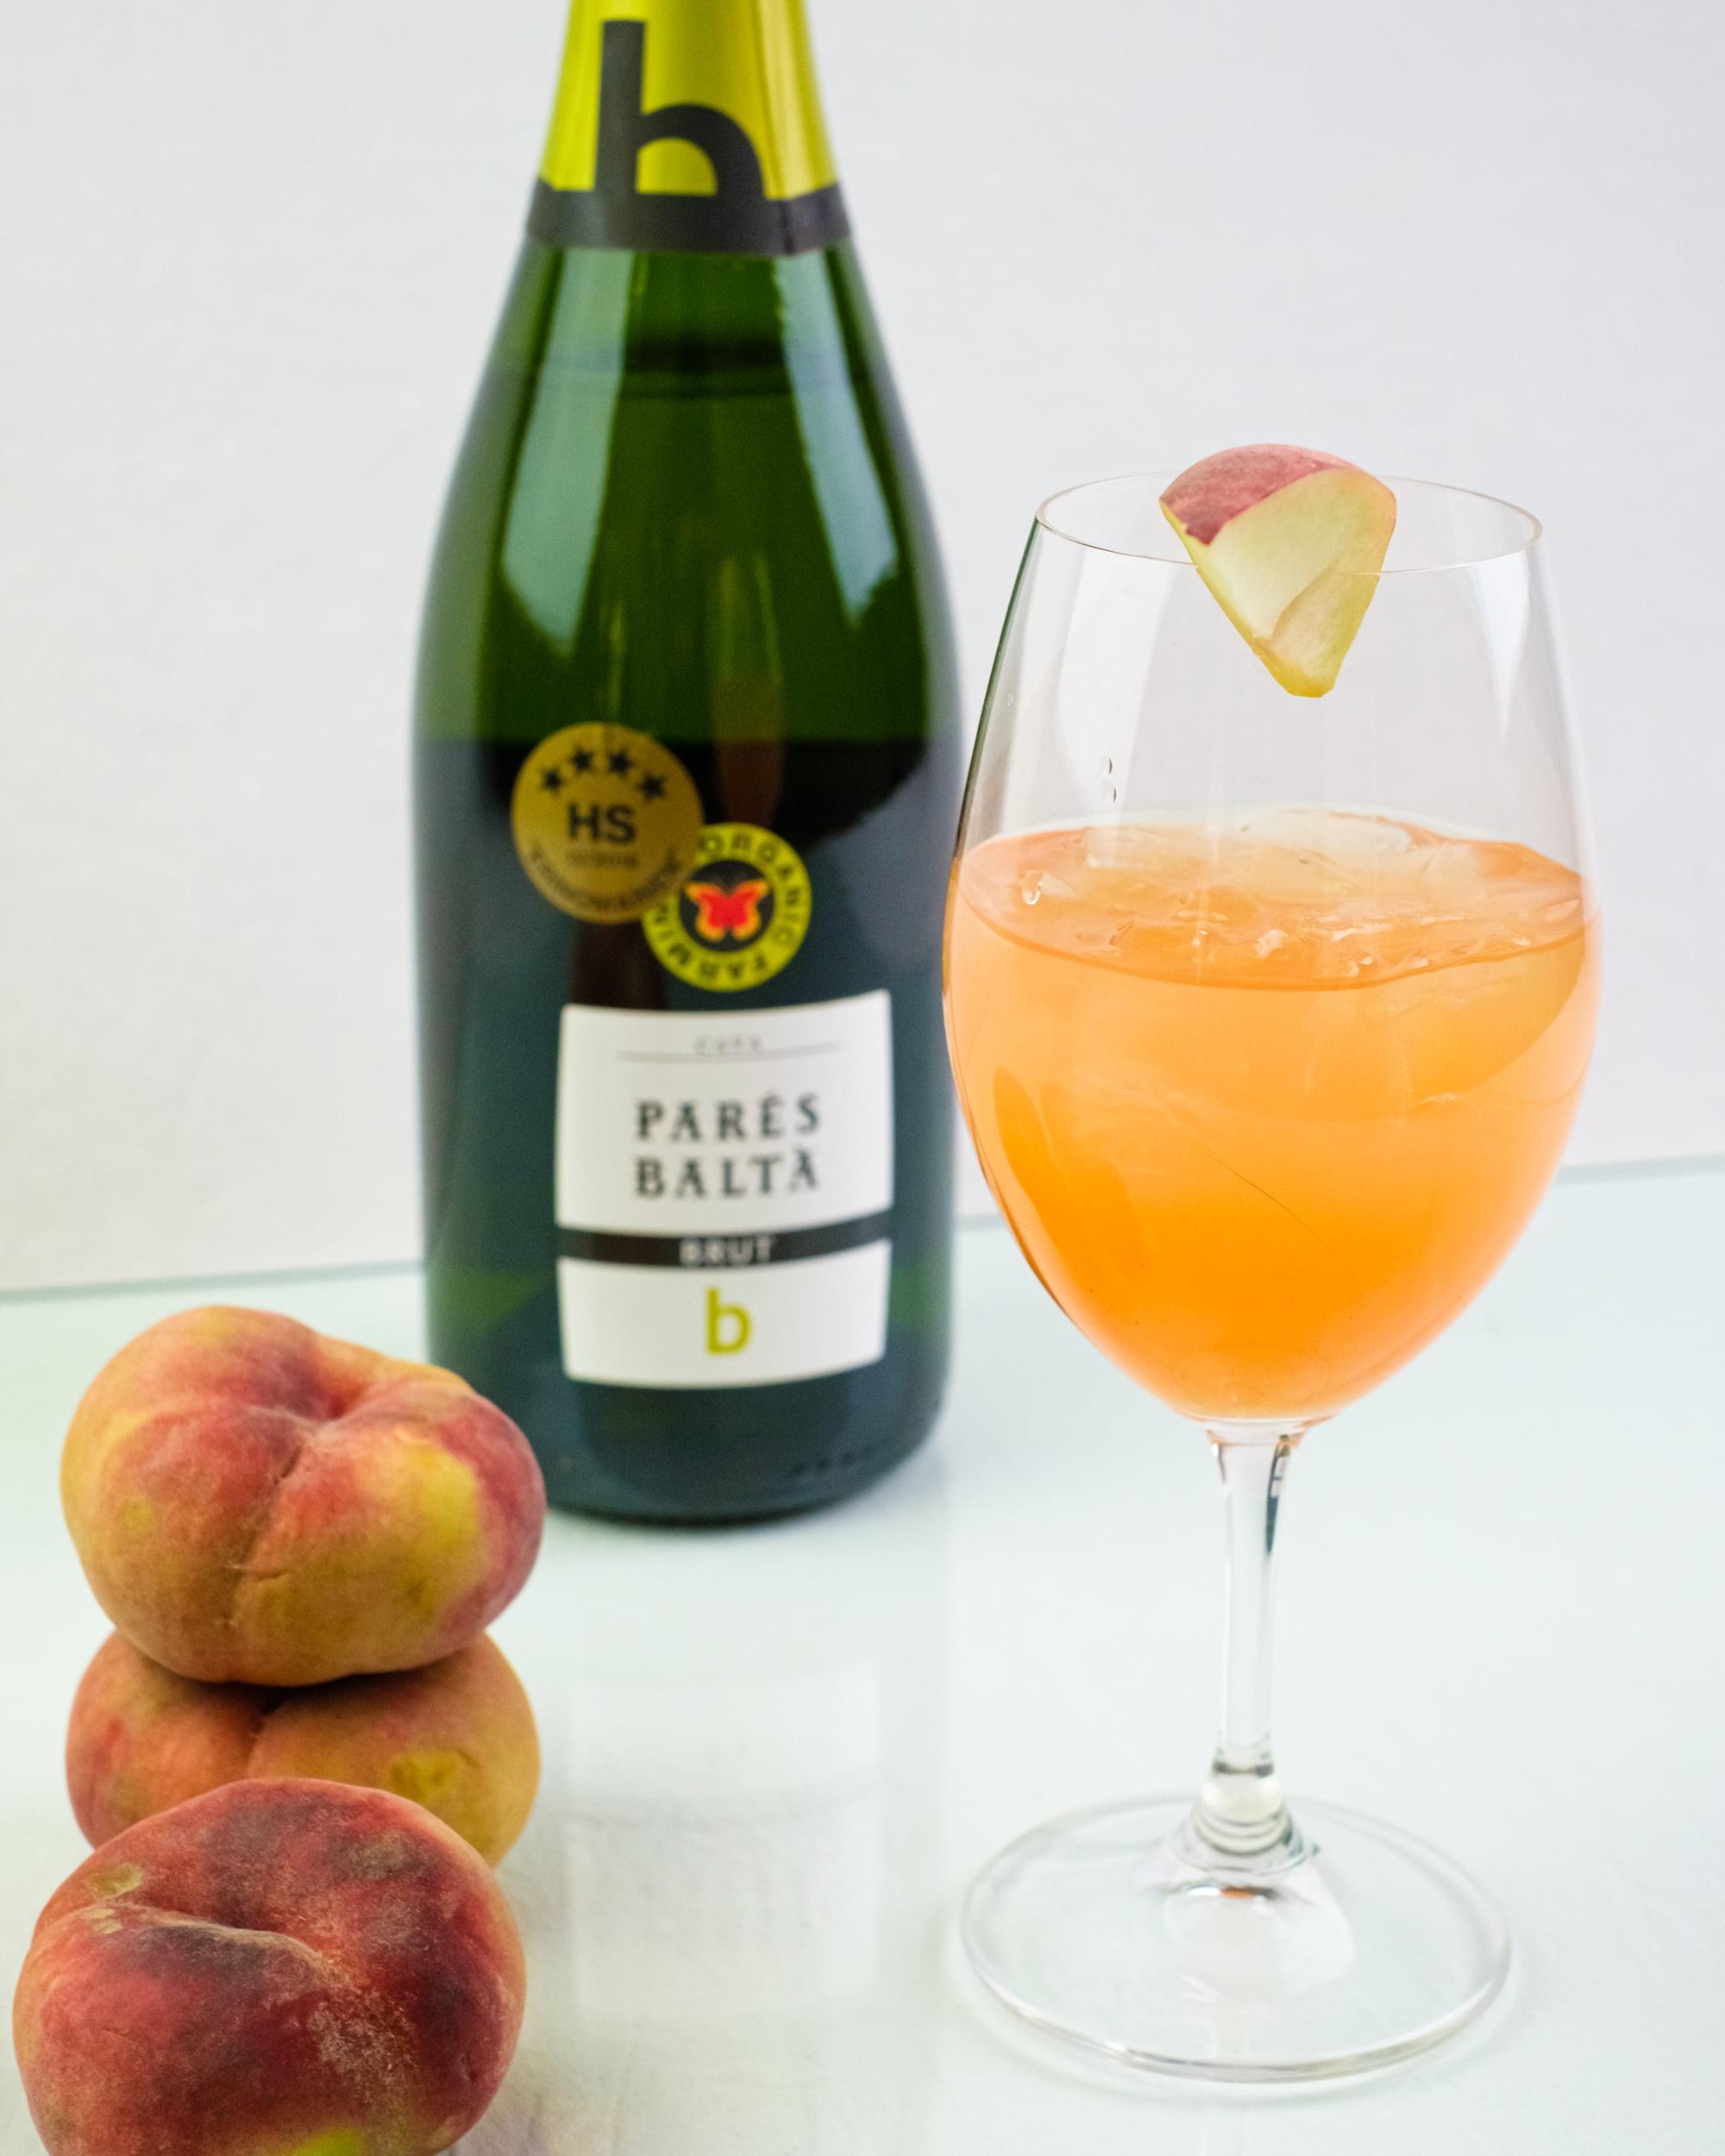 Parés Balta Cava Brut B ja kesädrinkki persikka